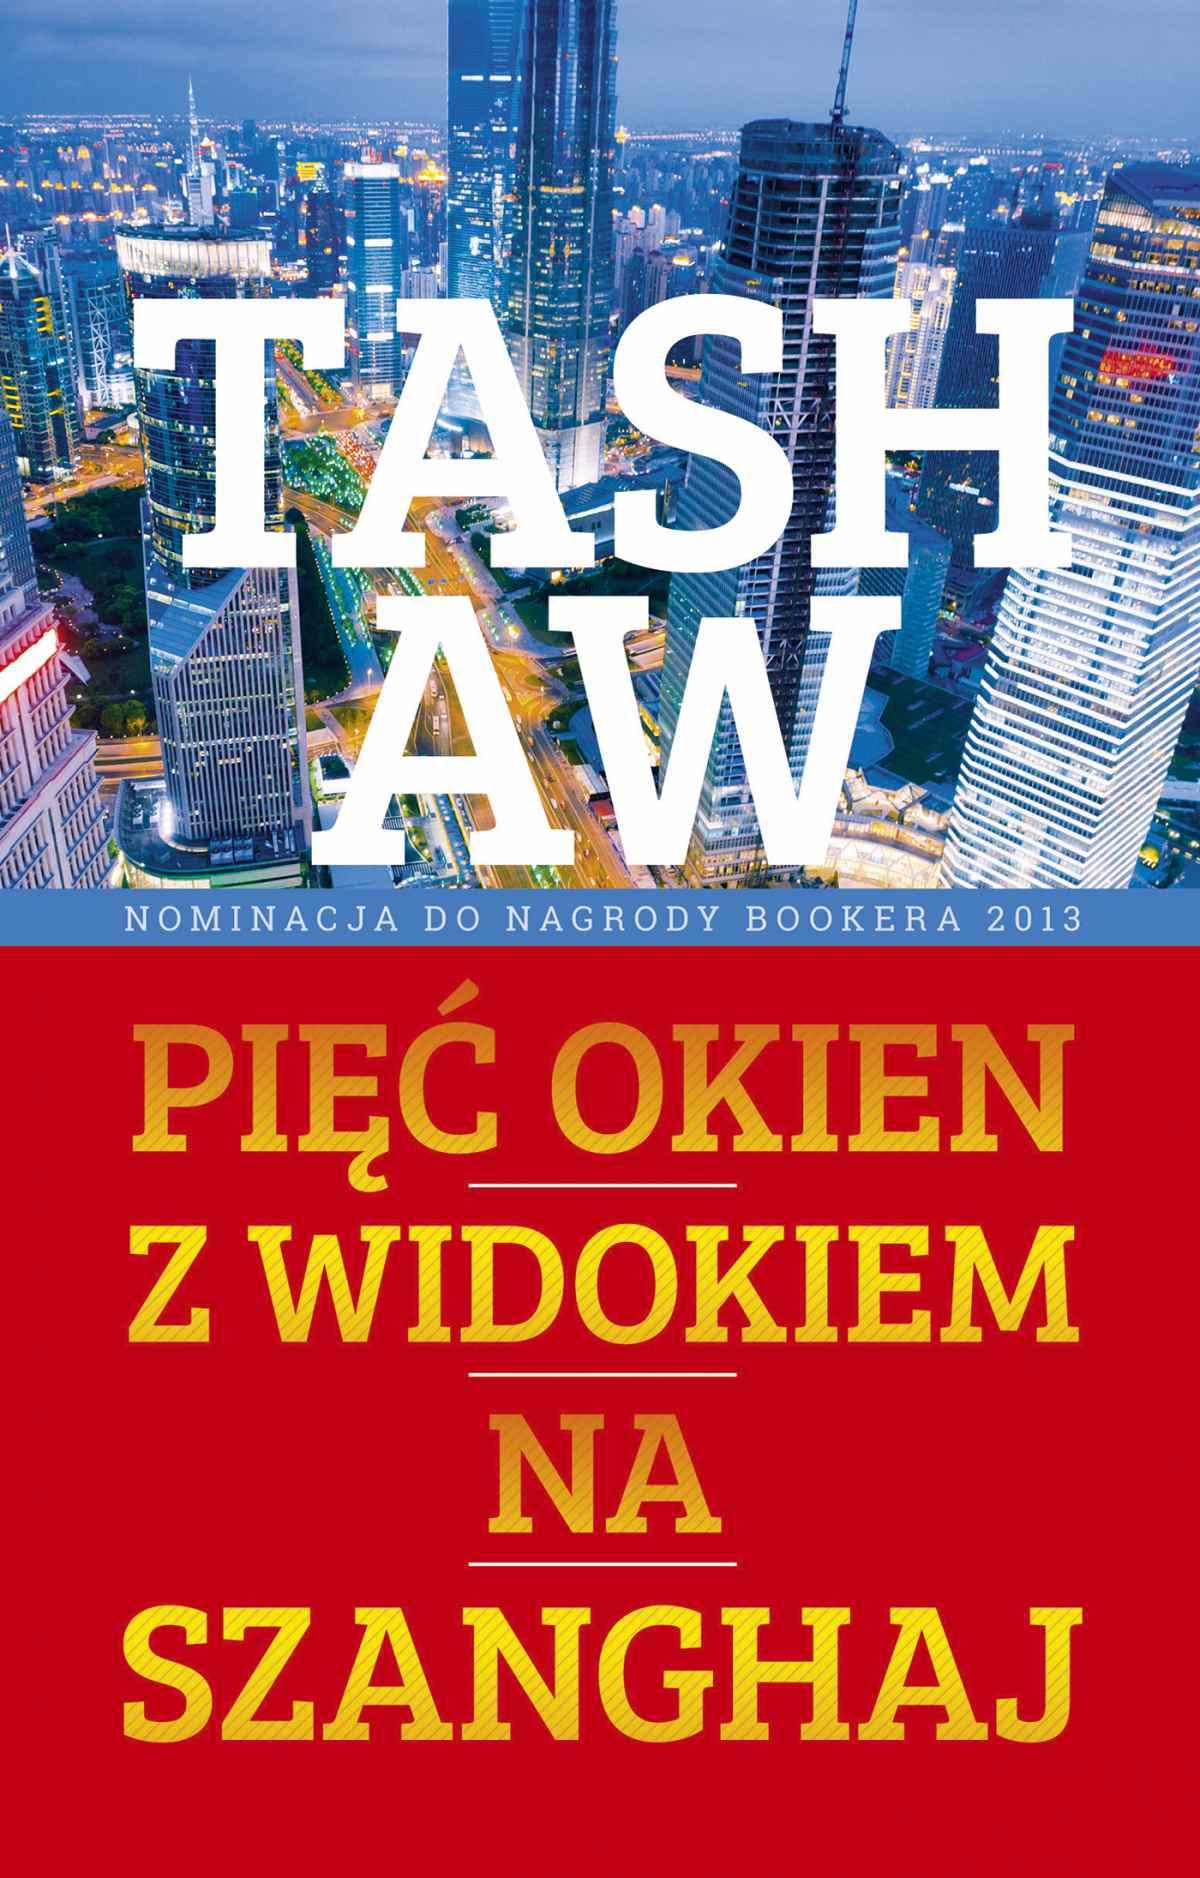 Pięć okien z widokiem na Szanghaj - Ebook (Książka EPUB) do pobrania w formacie EPUB